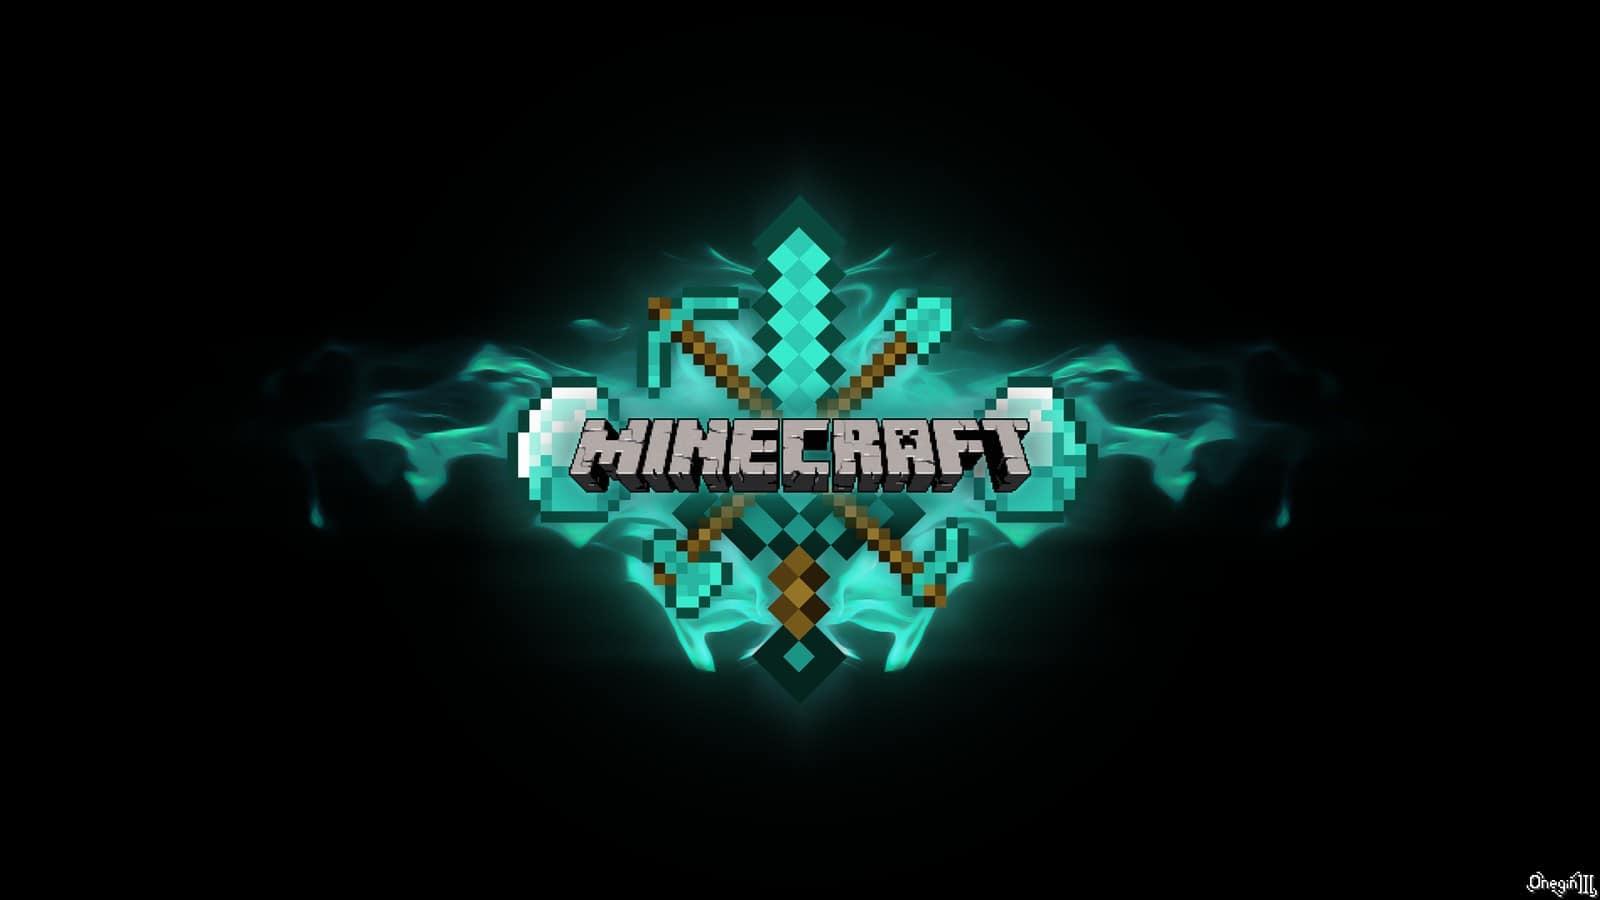 fr-minecraft_wallpaper_VS01.jpg